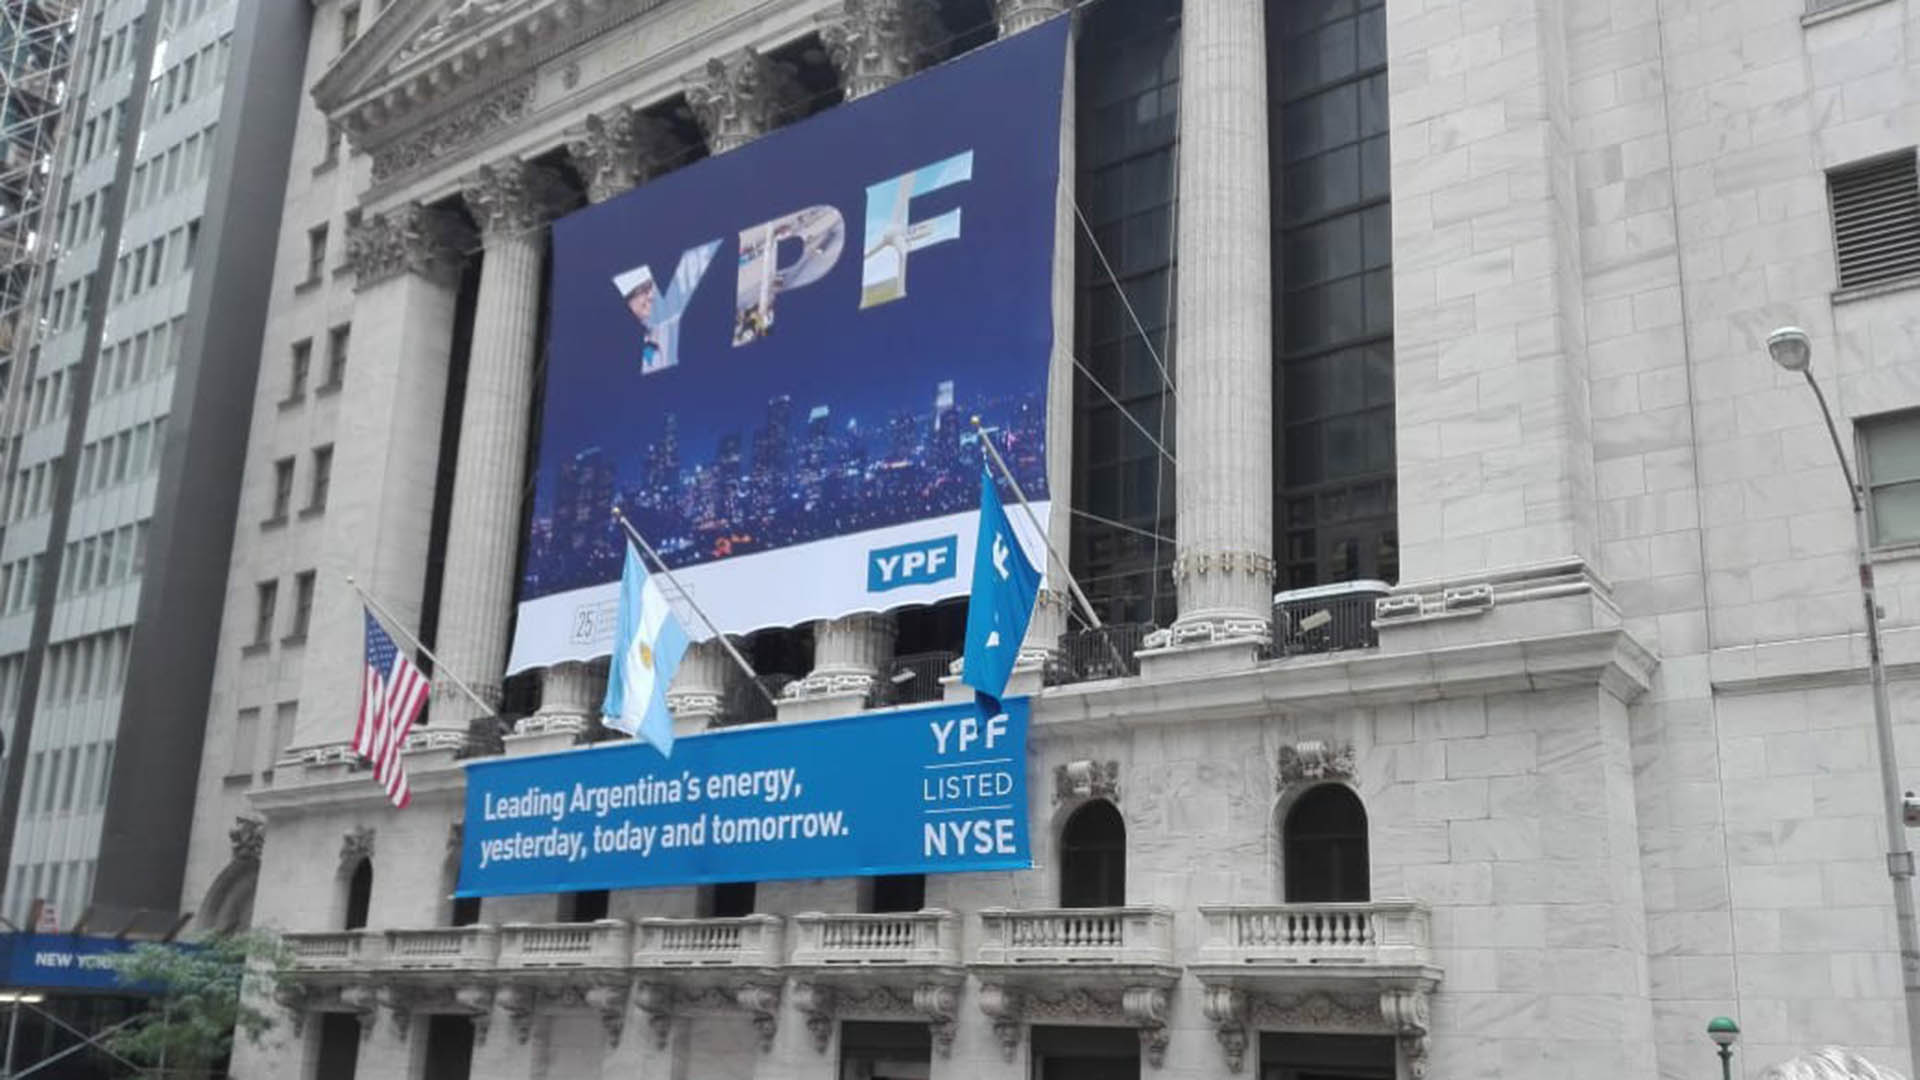 Sobre YPF pesa la coyuntura local y el amplio descenso del valor del crudo.